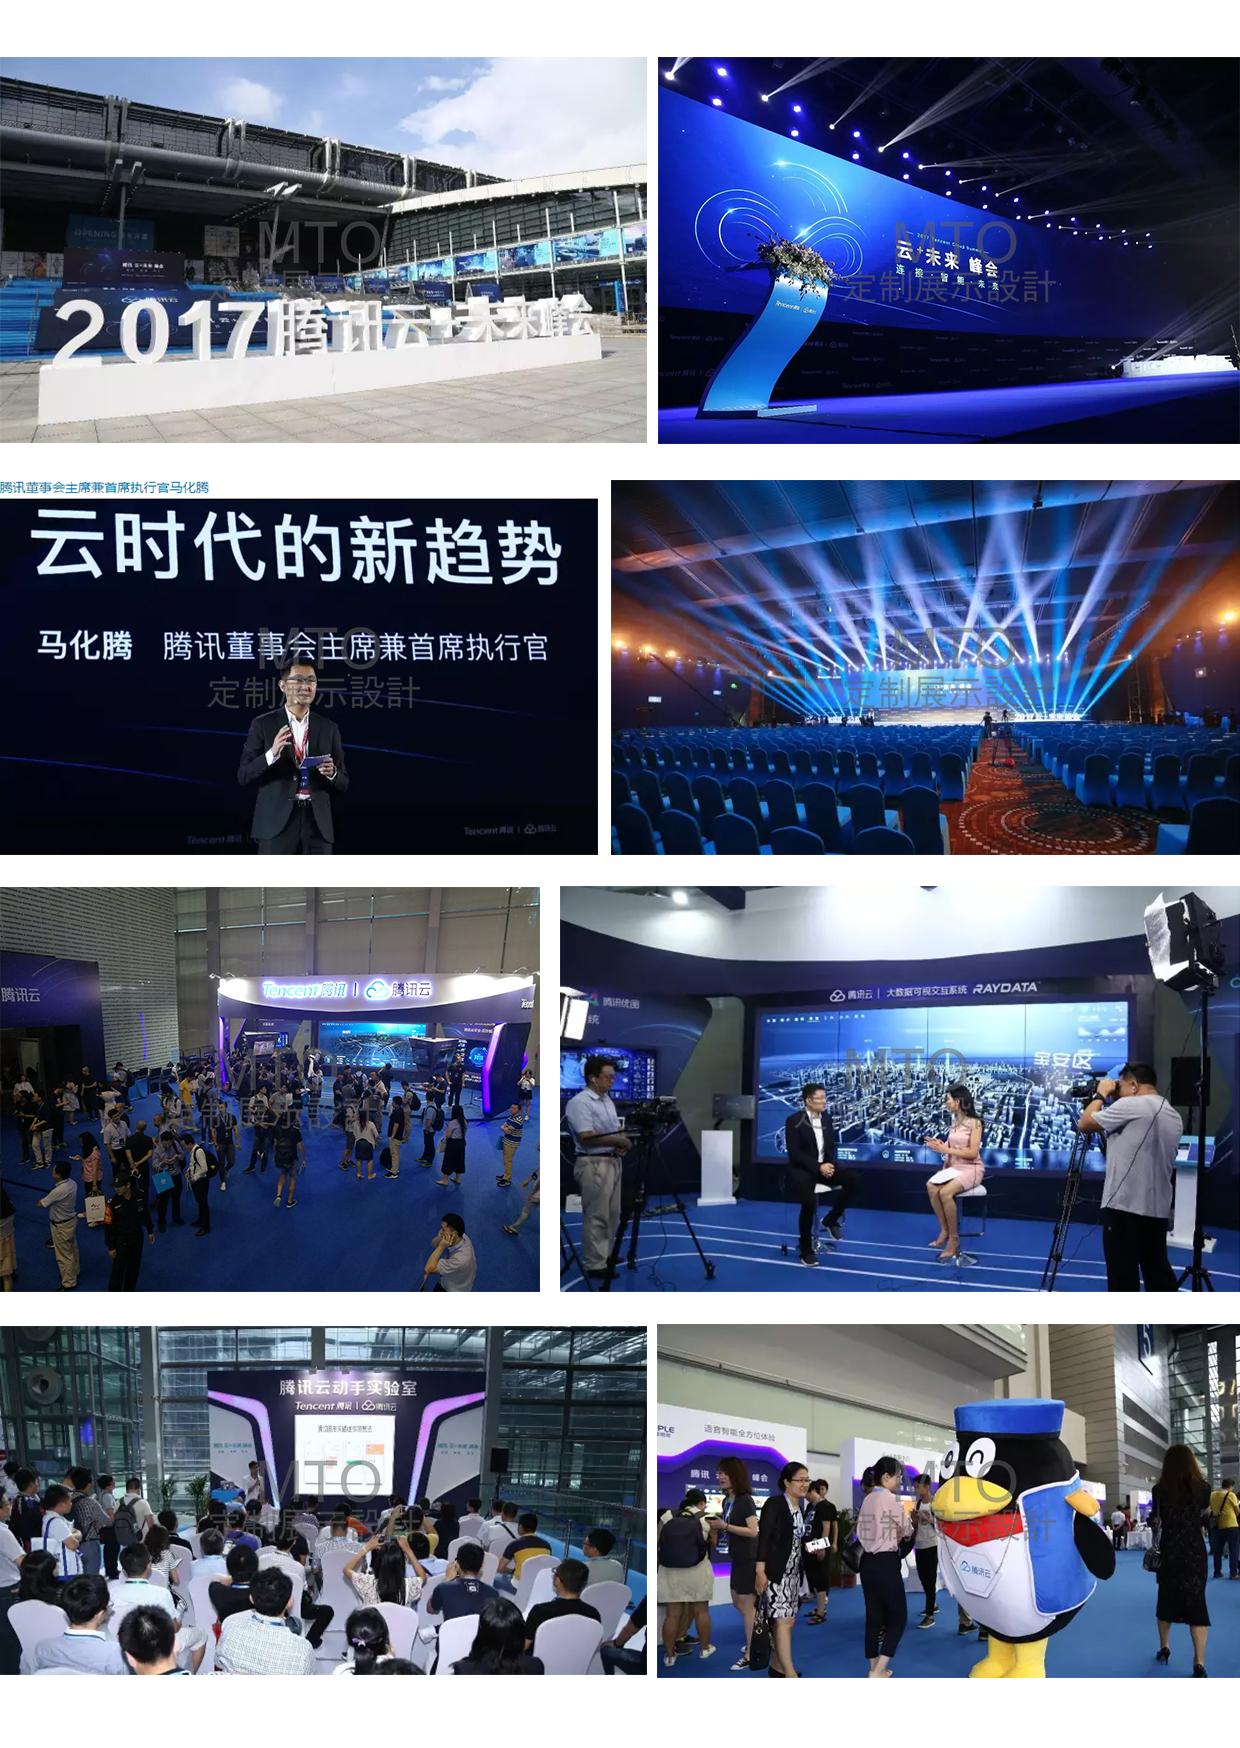 2017腾讯云峰会